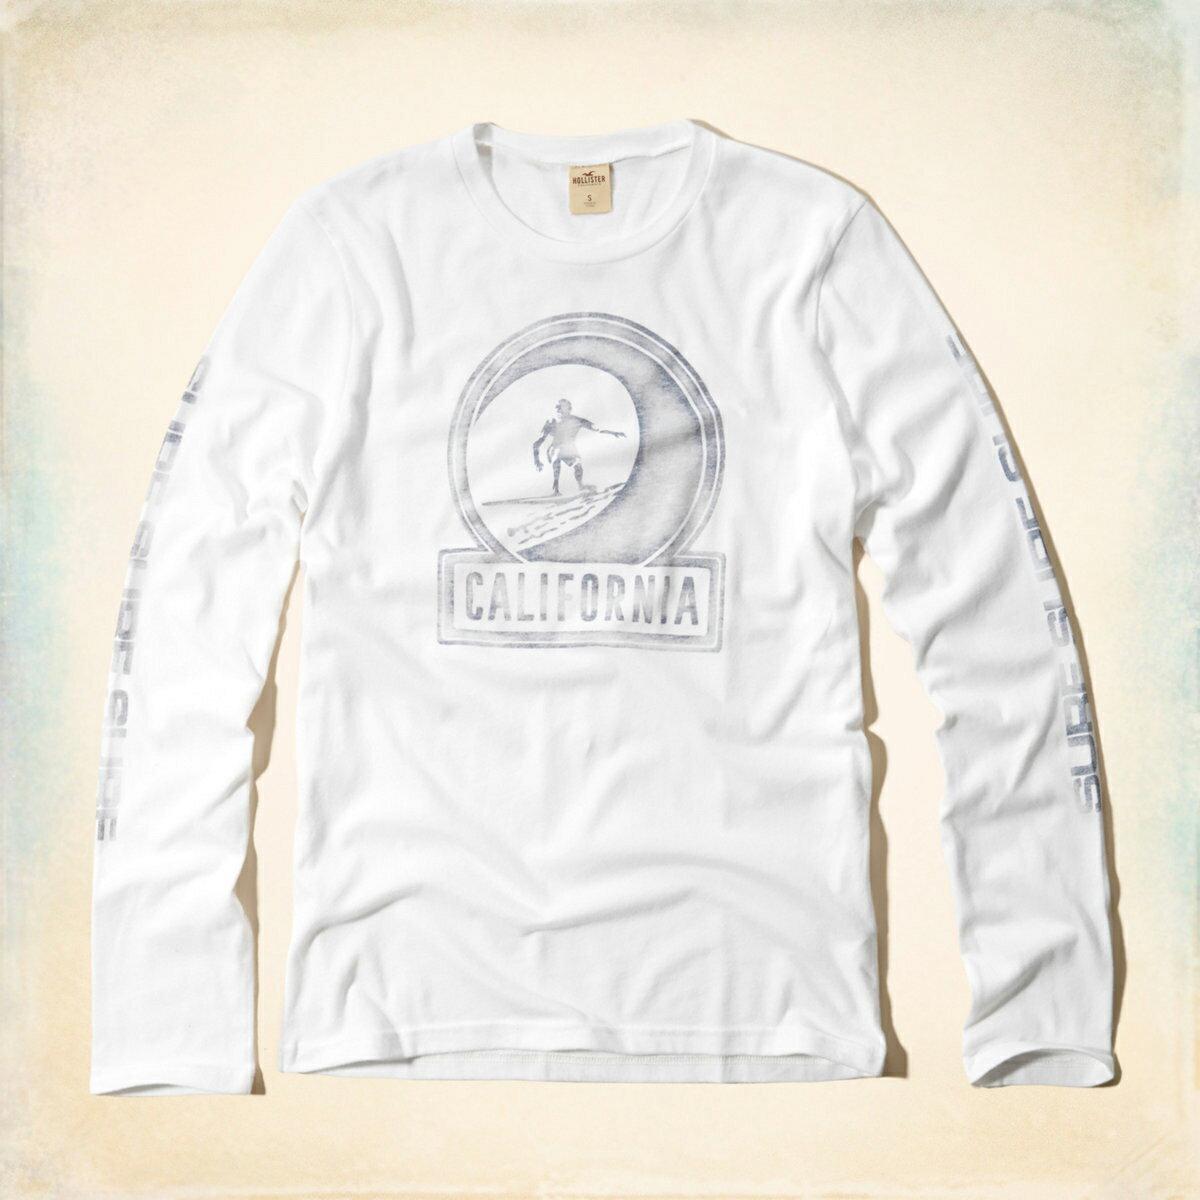 美國百分百【Hollister Co.】T恤 HCO 長袖 T-shirt 長T 上衣 海鷗 加州 衝浪 白色 M XL號 F817